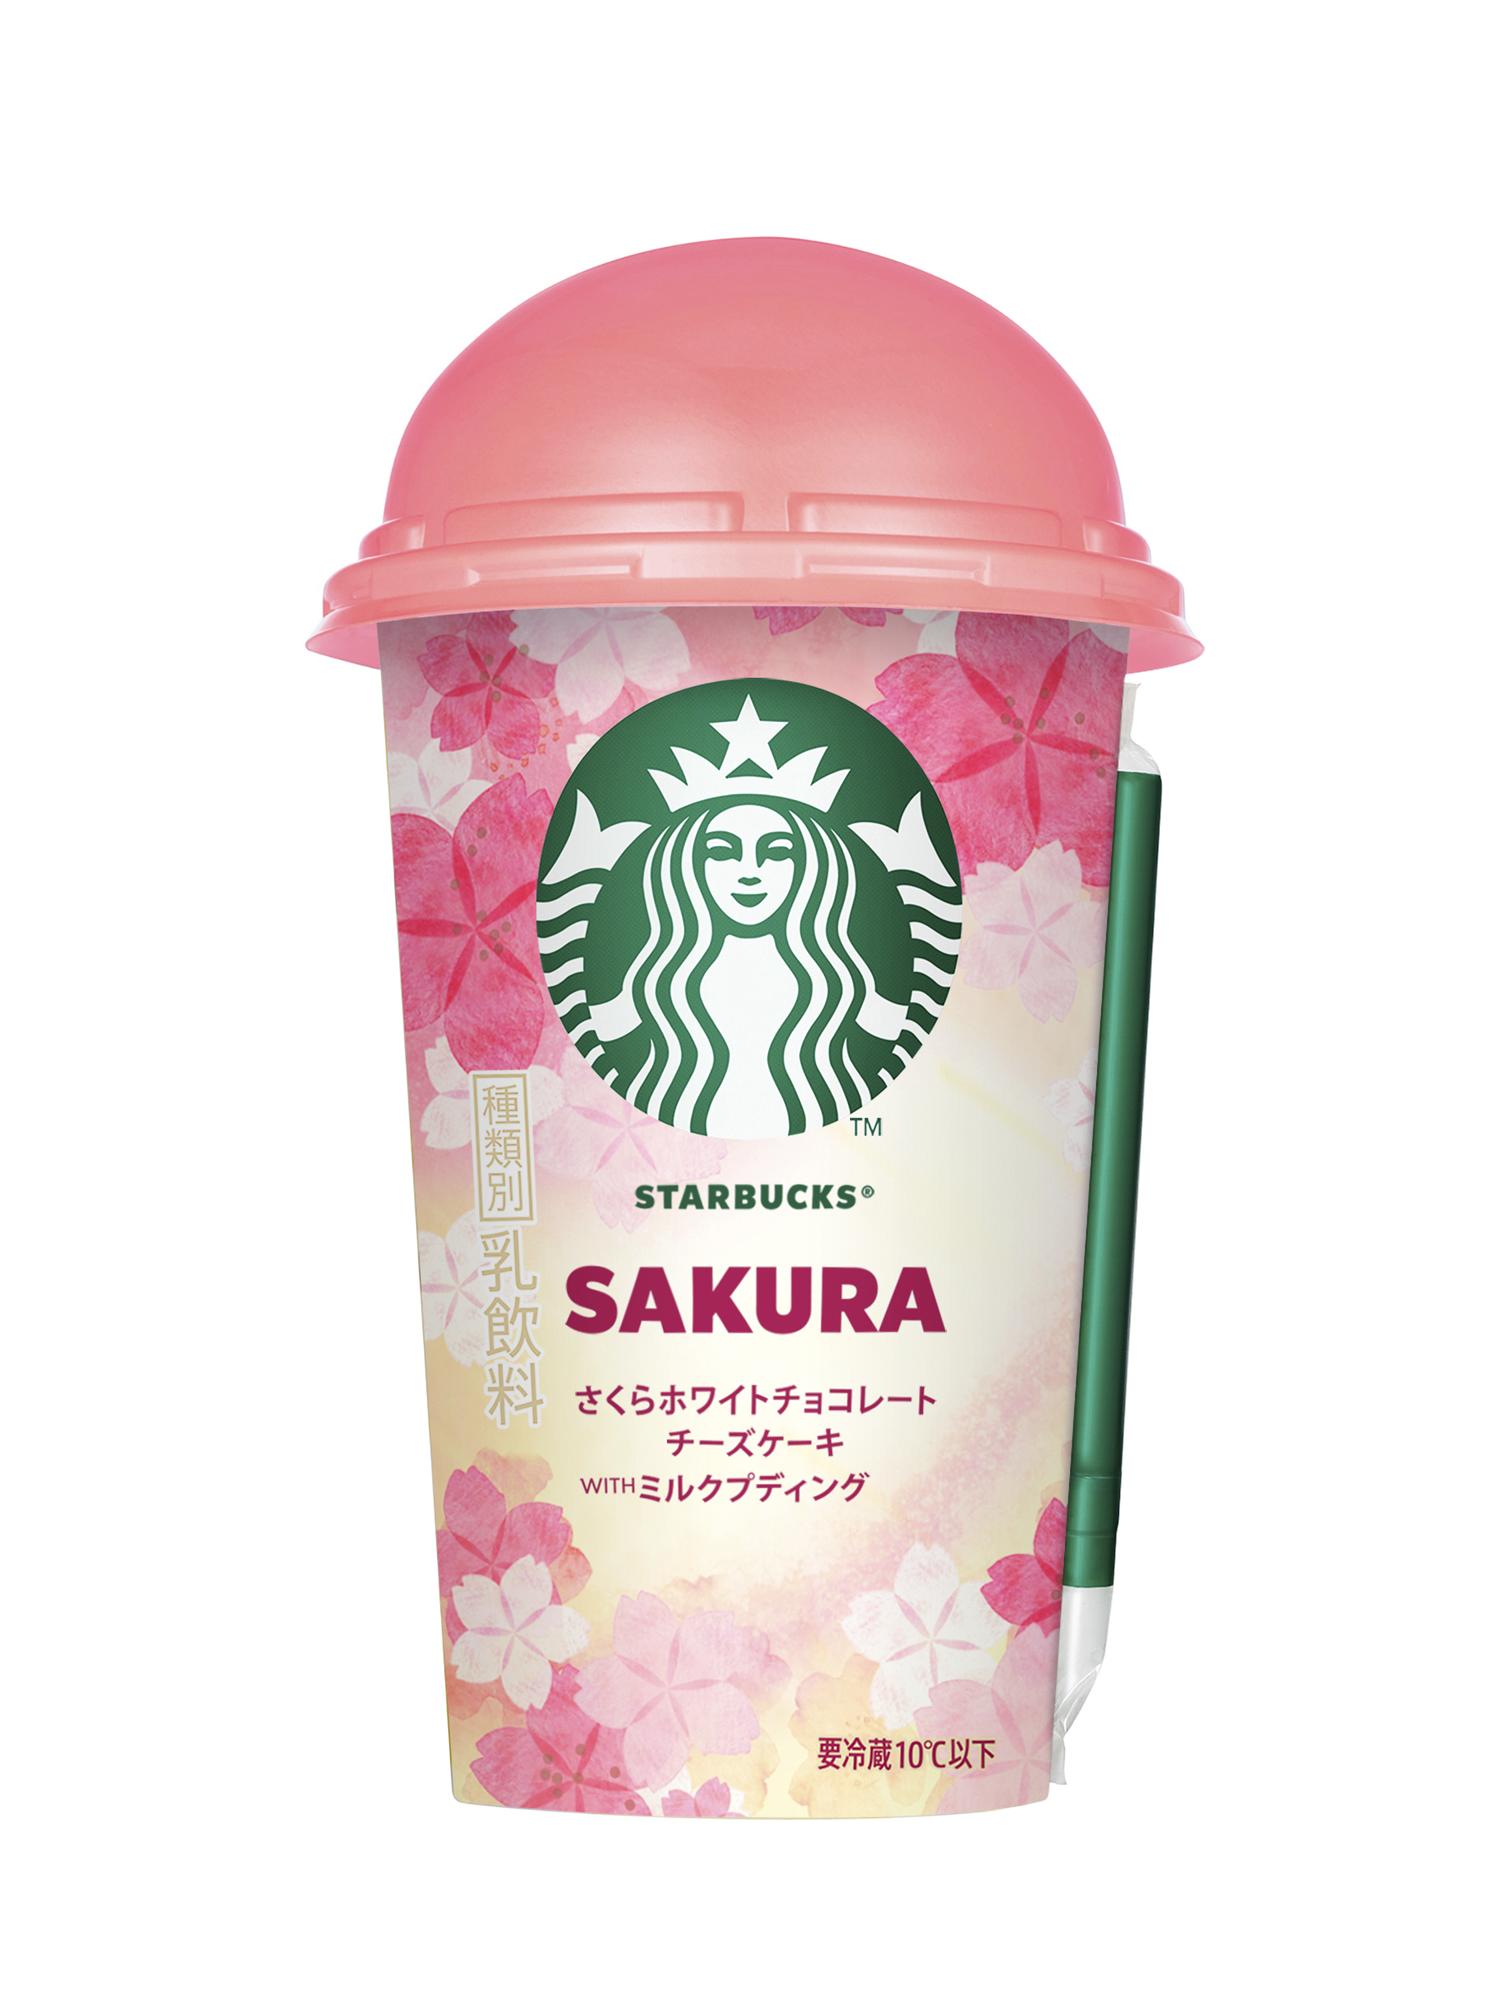 sakura-starbucks-2